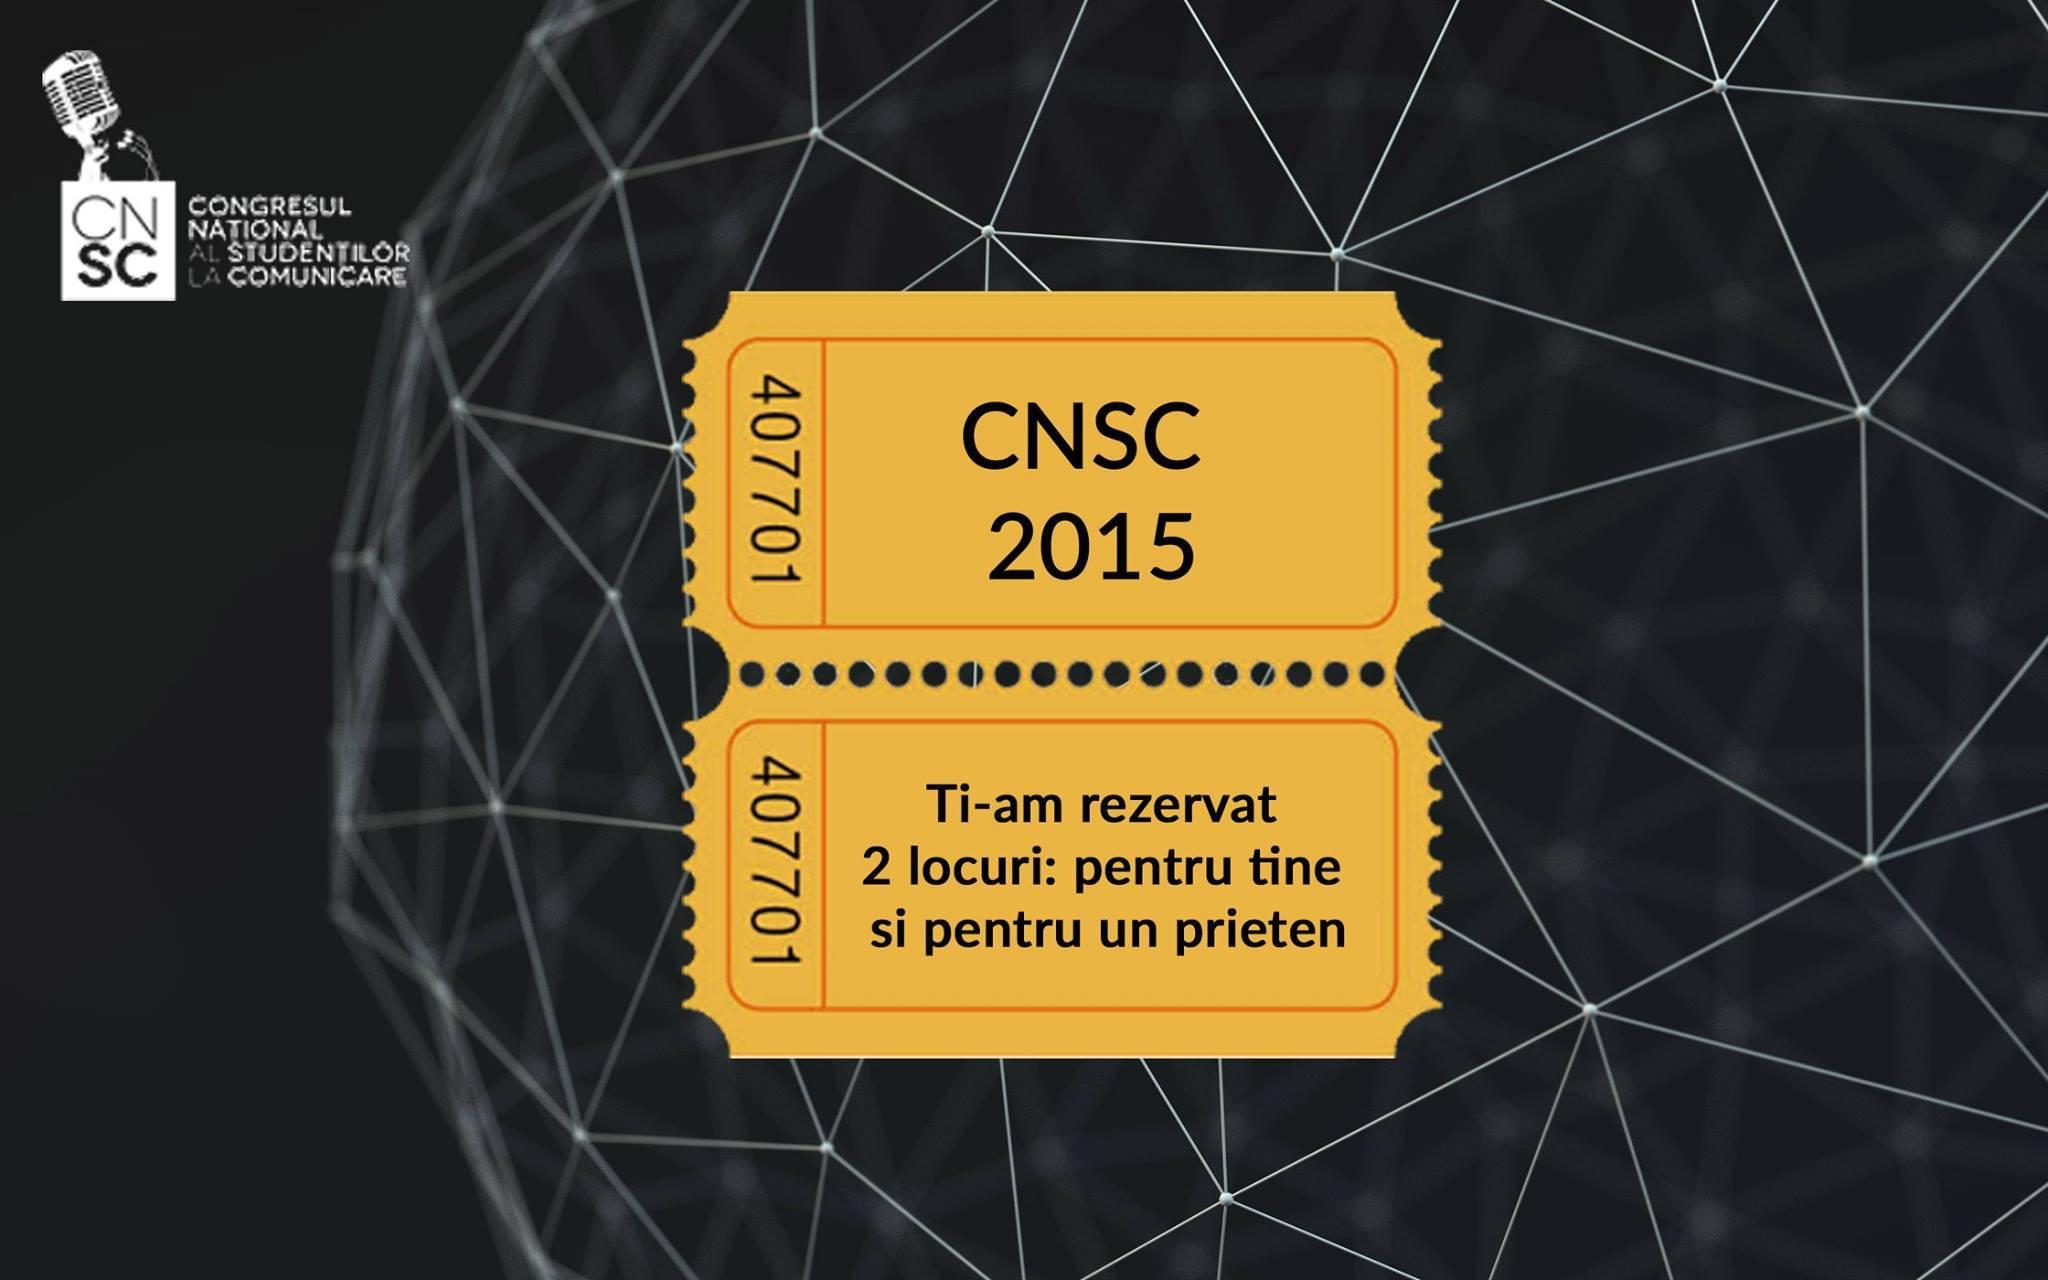 Prime organizeaza CNSC in perioada 23-24 aprilie 2015, la Universitatea Lumina, iar tema din acest an este Storyscaping